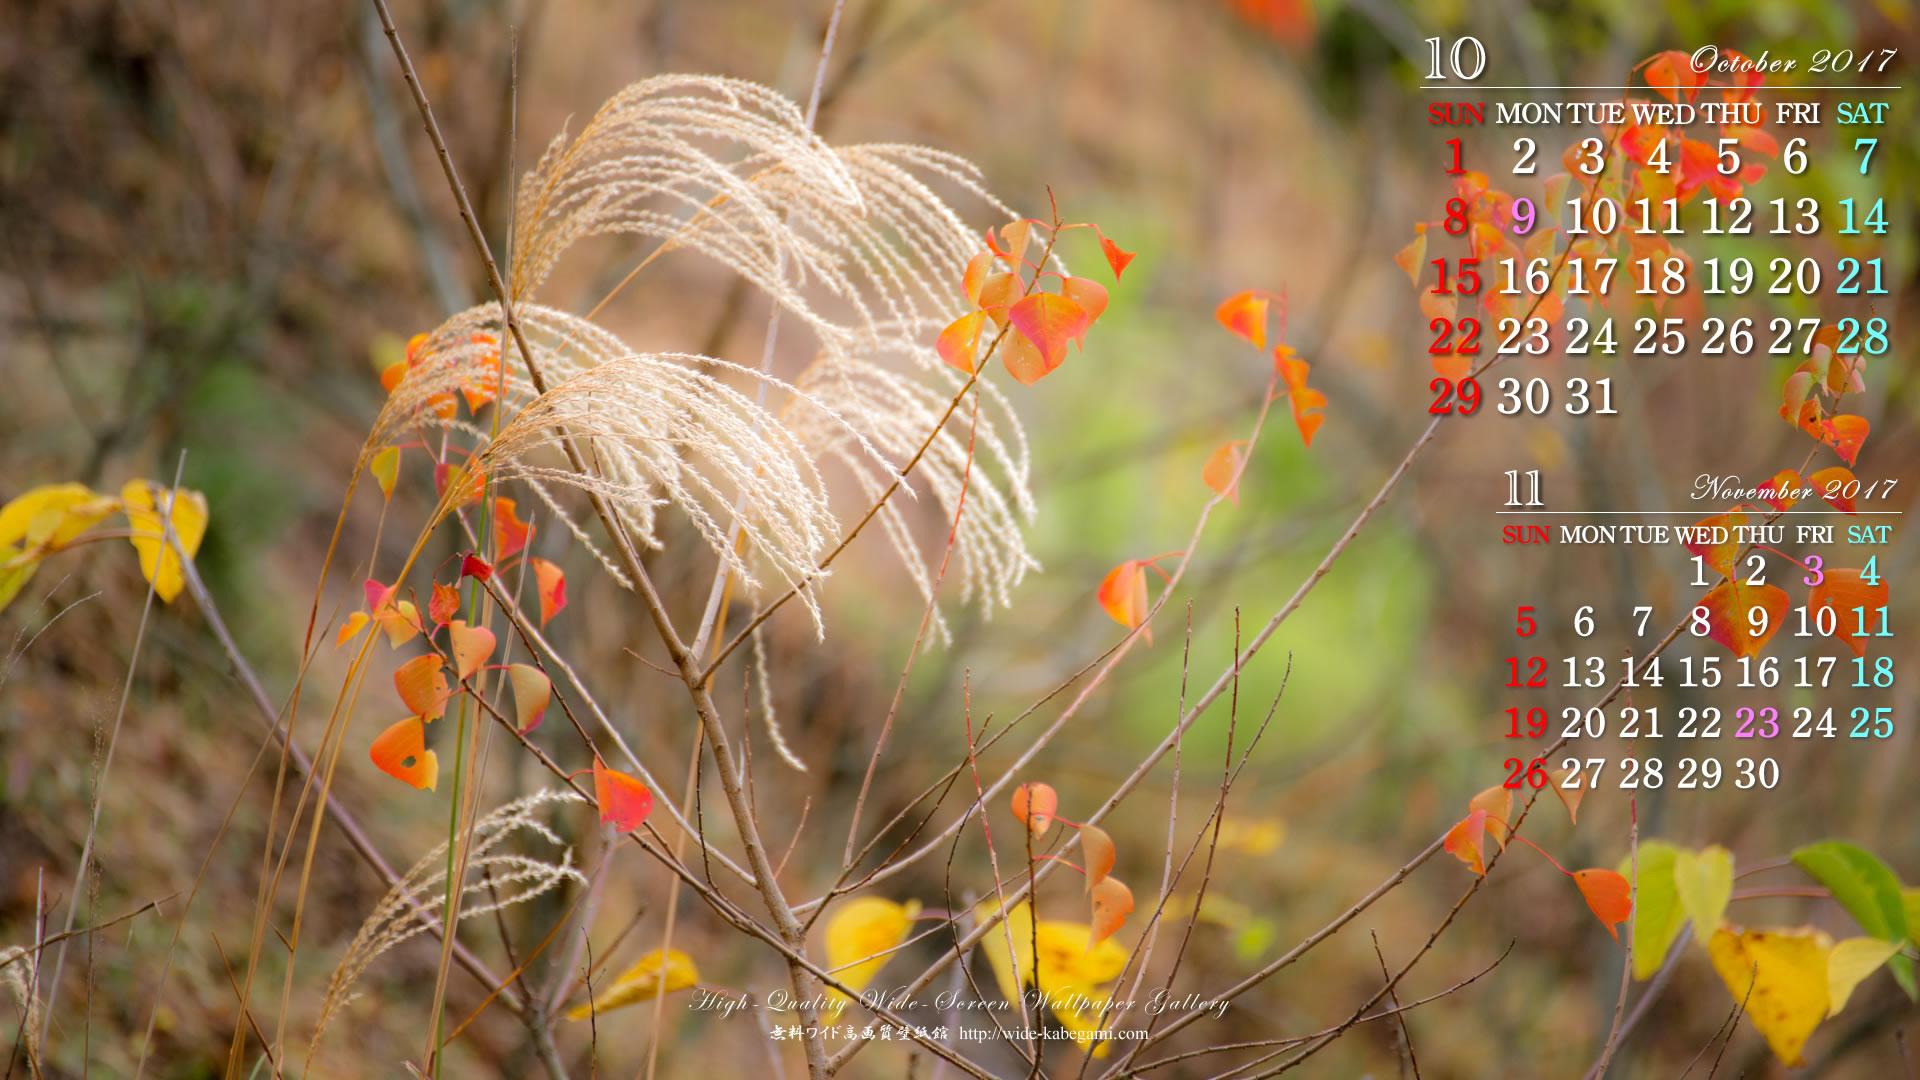 17年10月の自然ワイド壁紙カレンダー 秋の寸景 無料ワイド高画質壁紙館